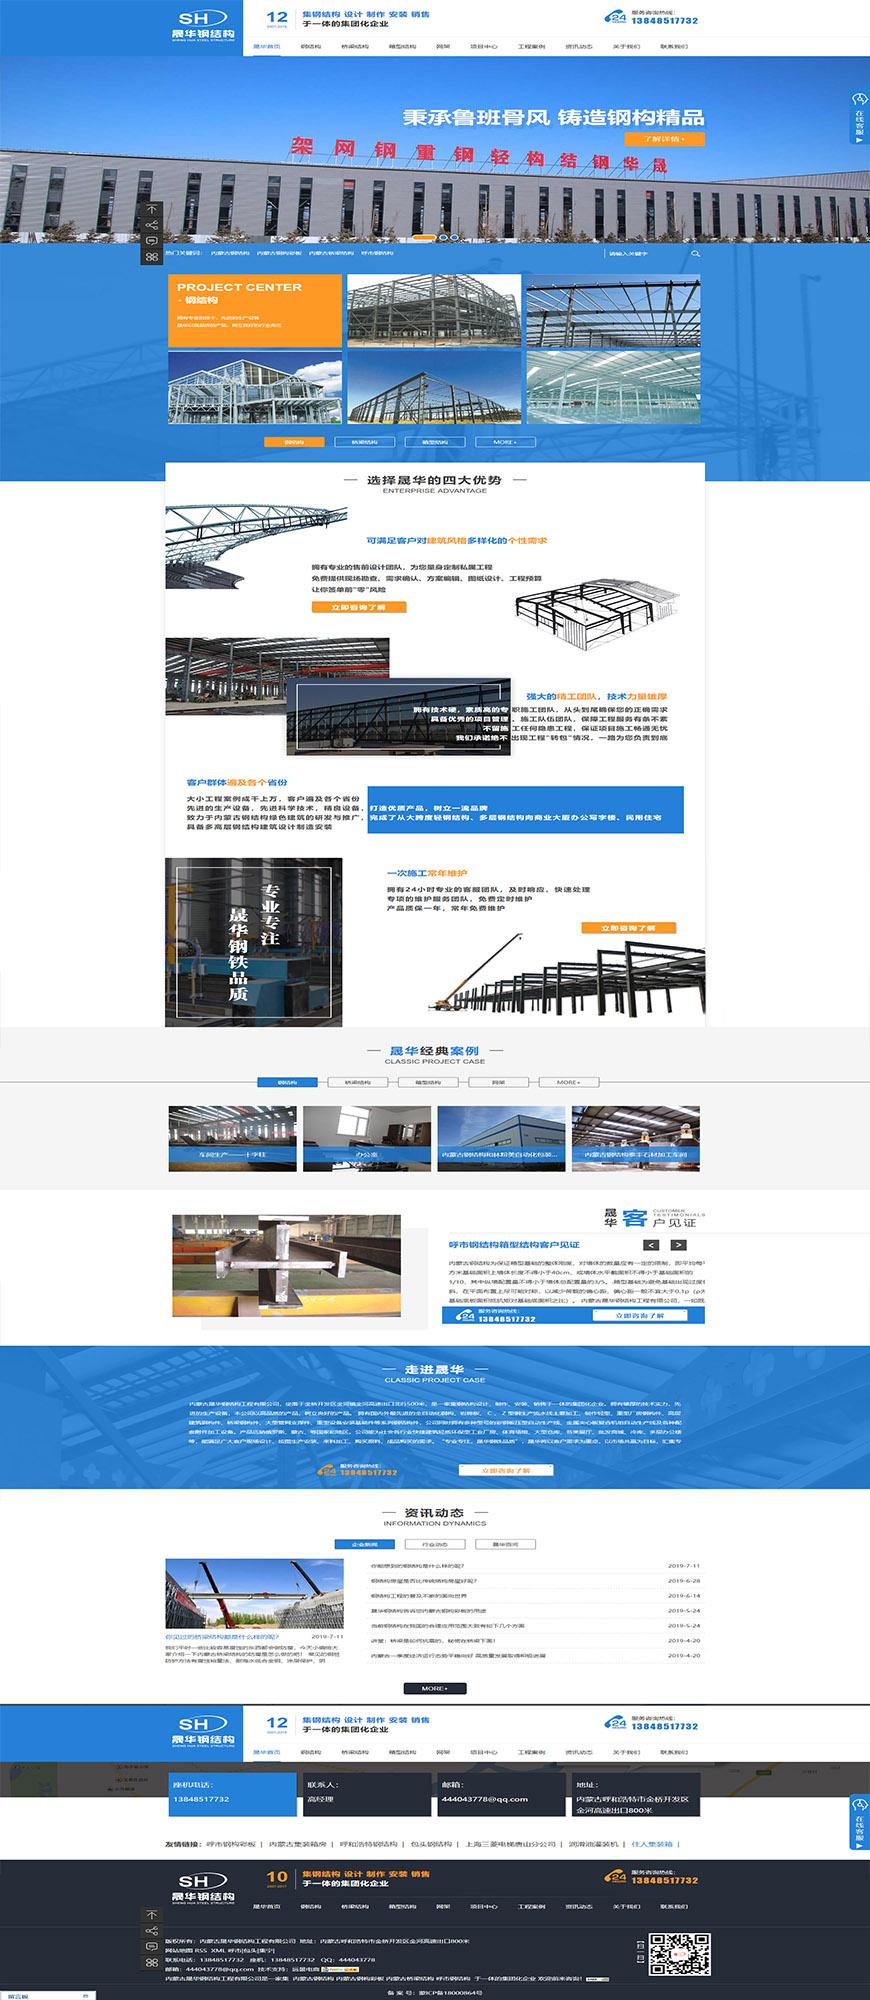 内蒙古网站优化